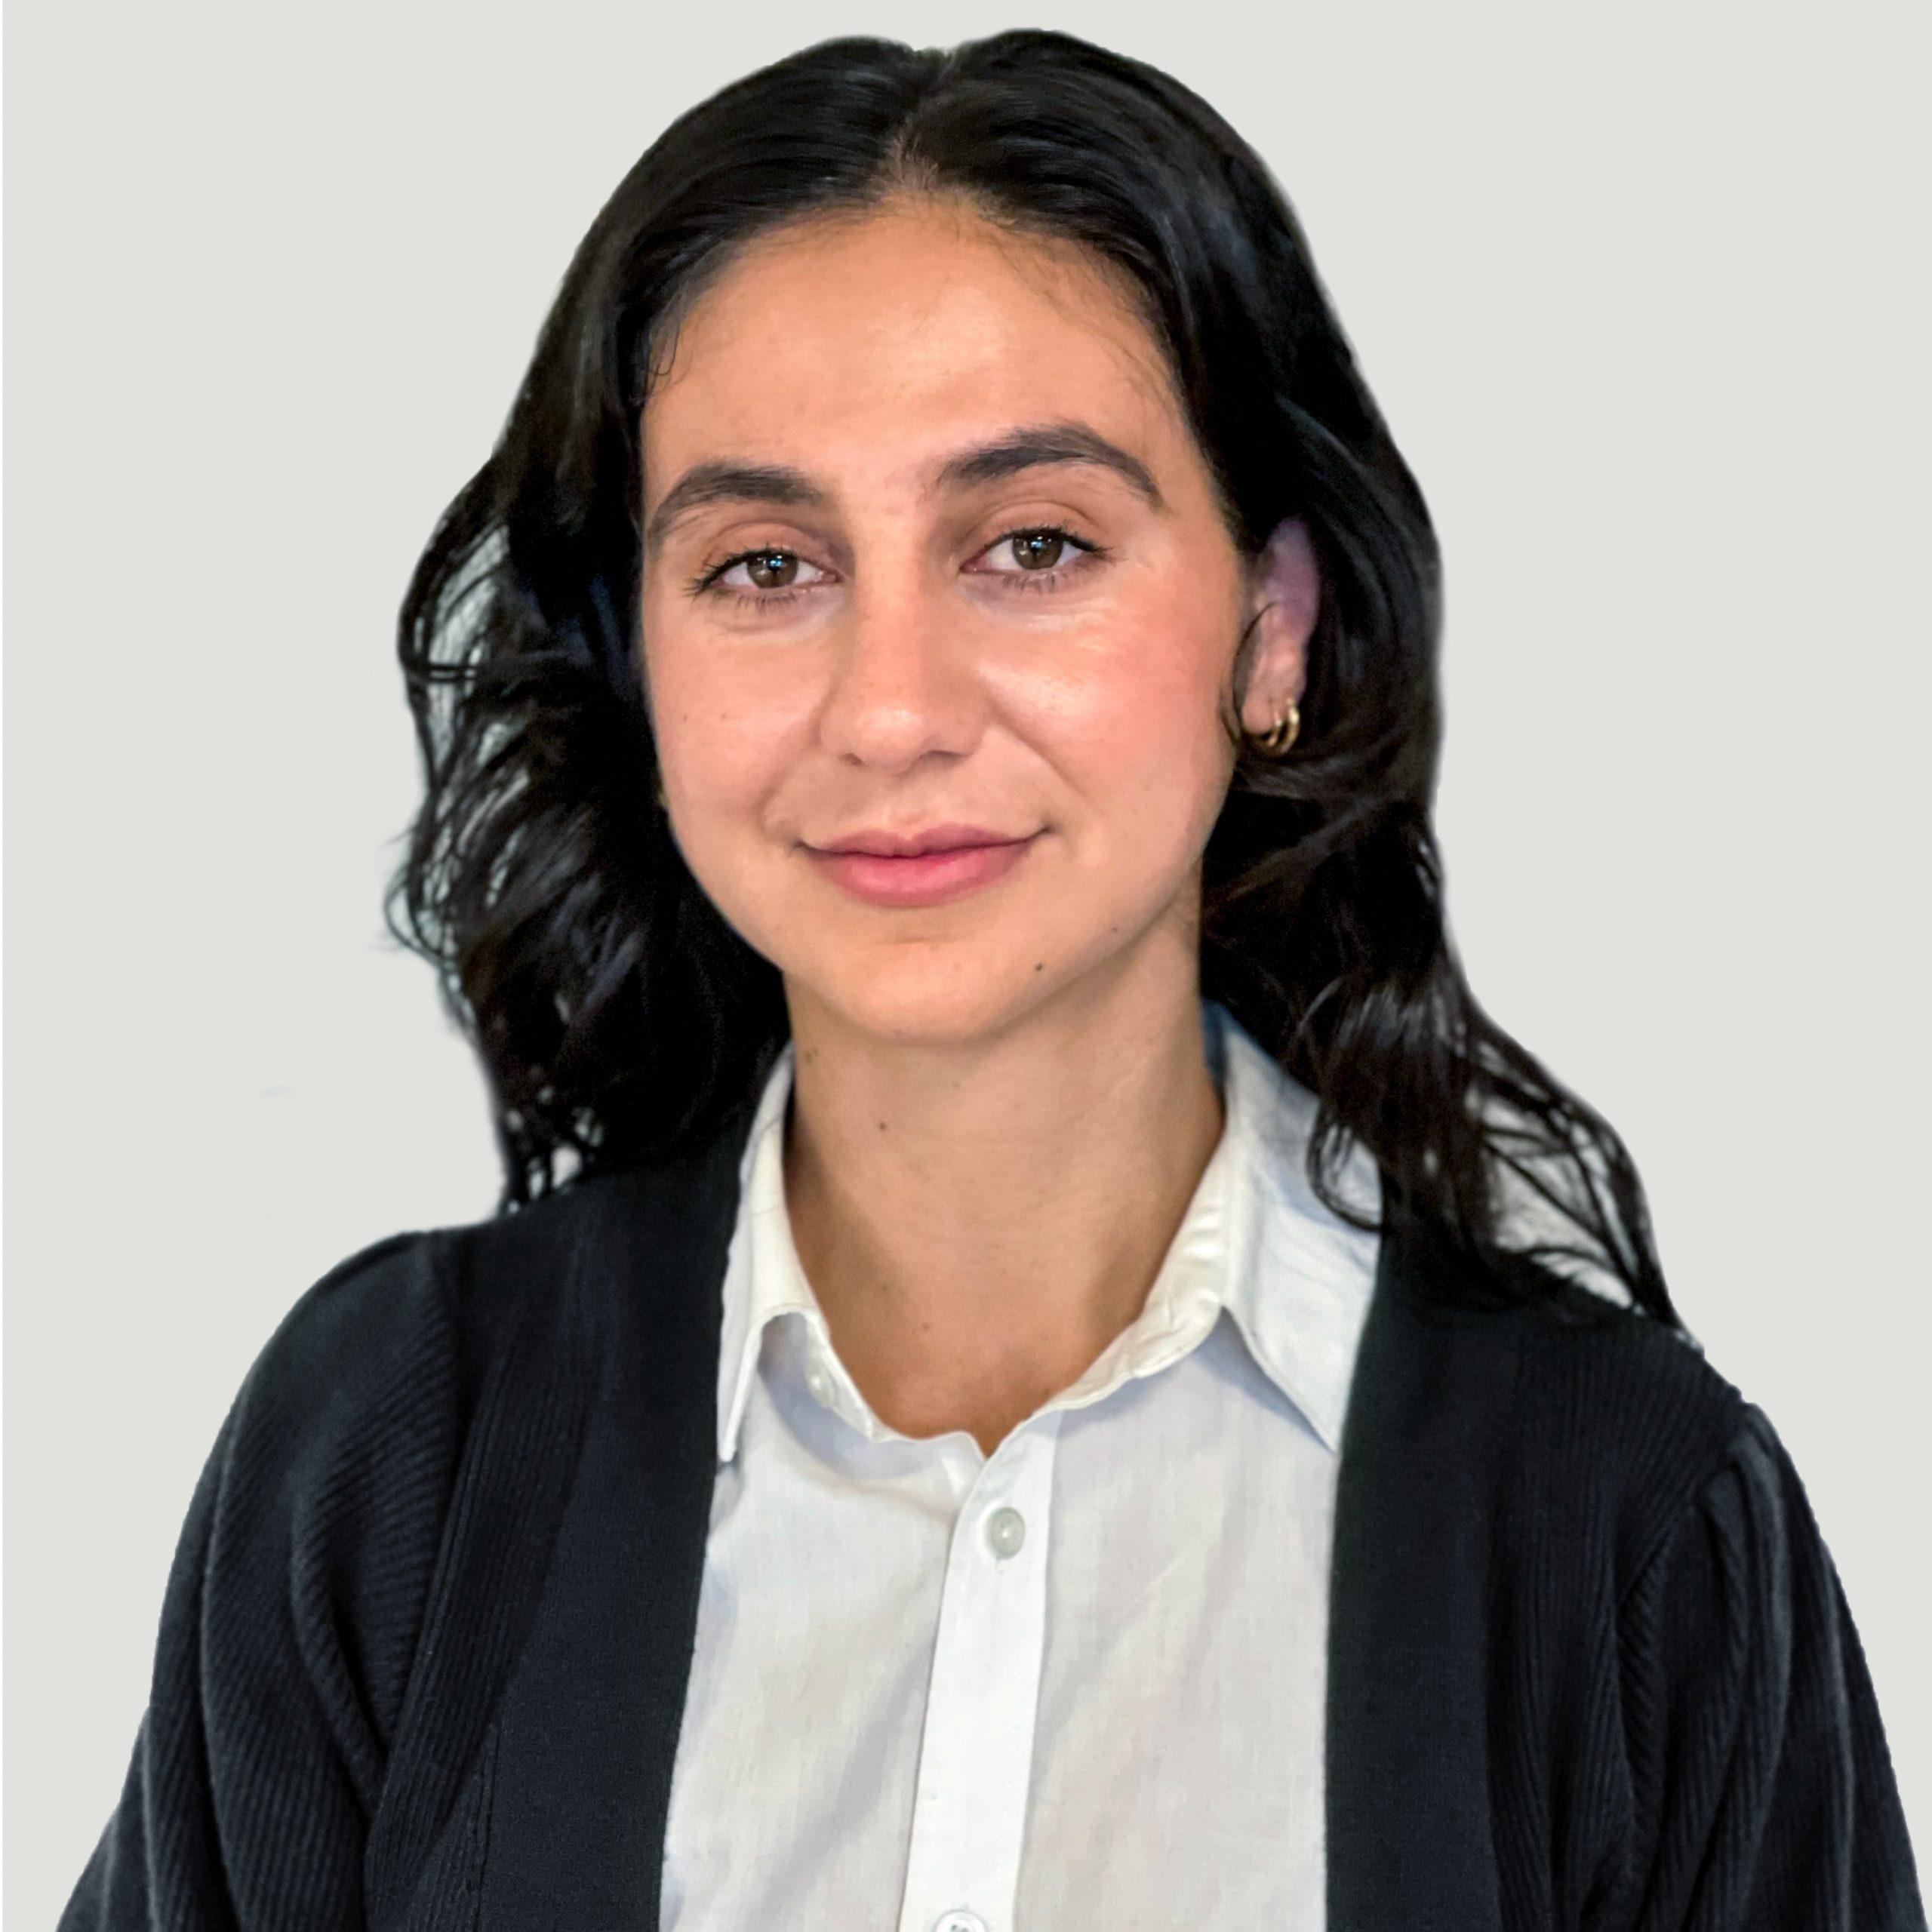 Nazli Bahmani